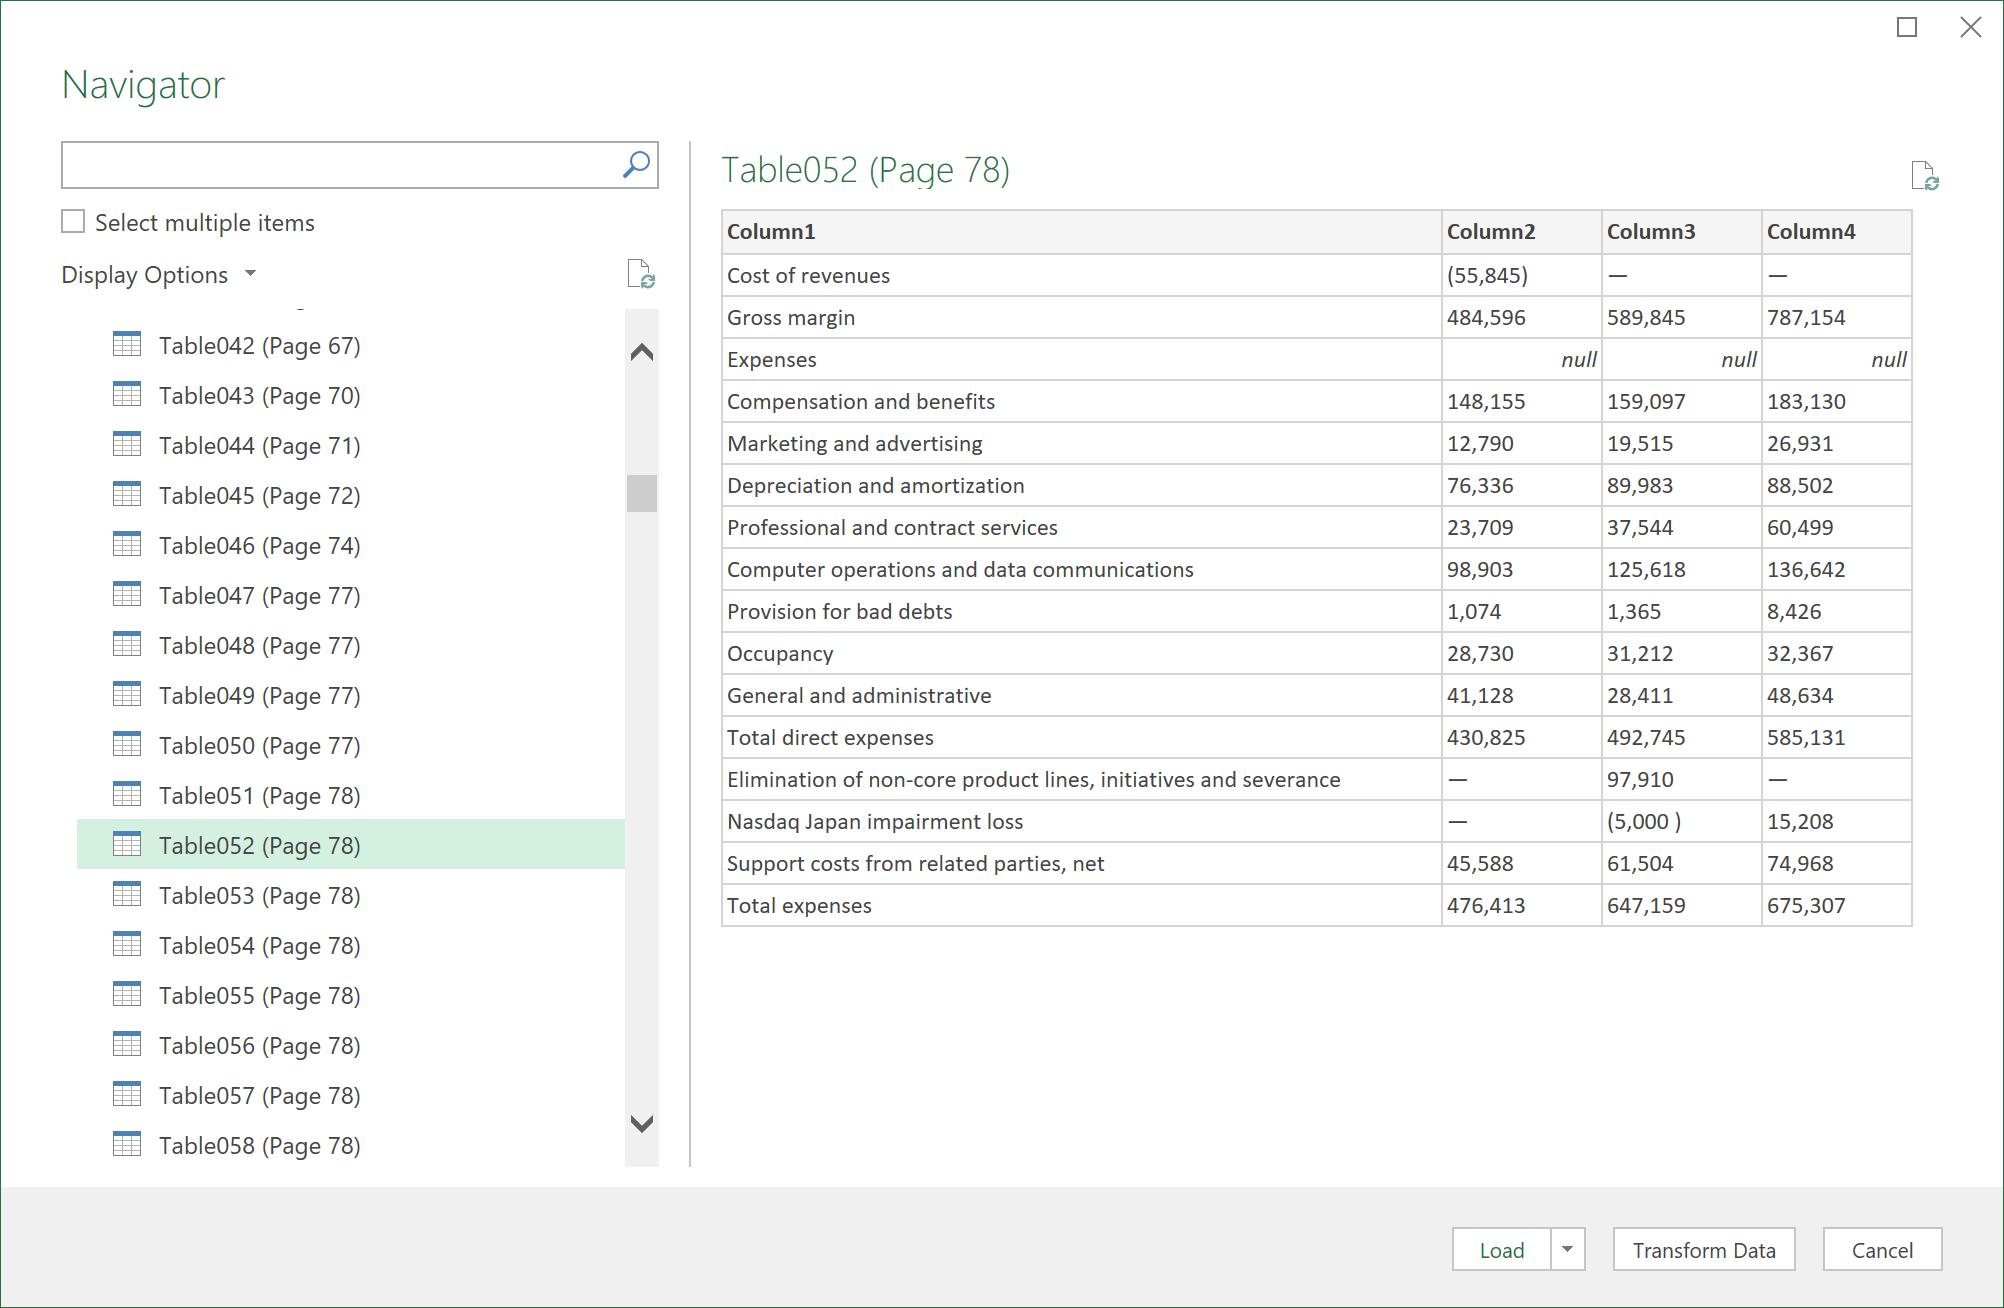 """Dialogfeld """"Navigator"""" zum Importieren von PDF-Daten"""